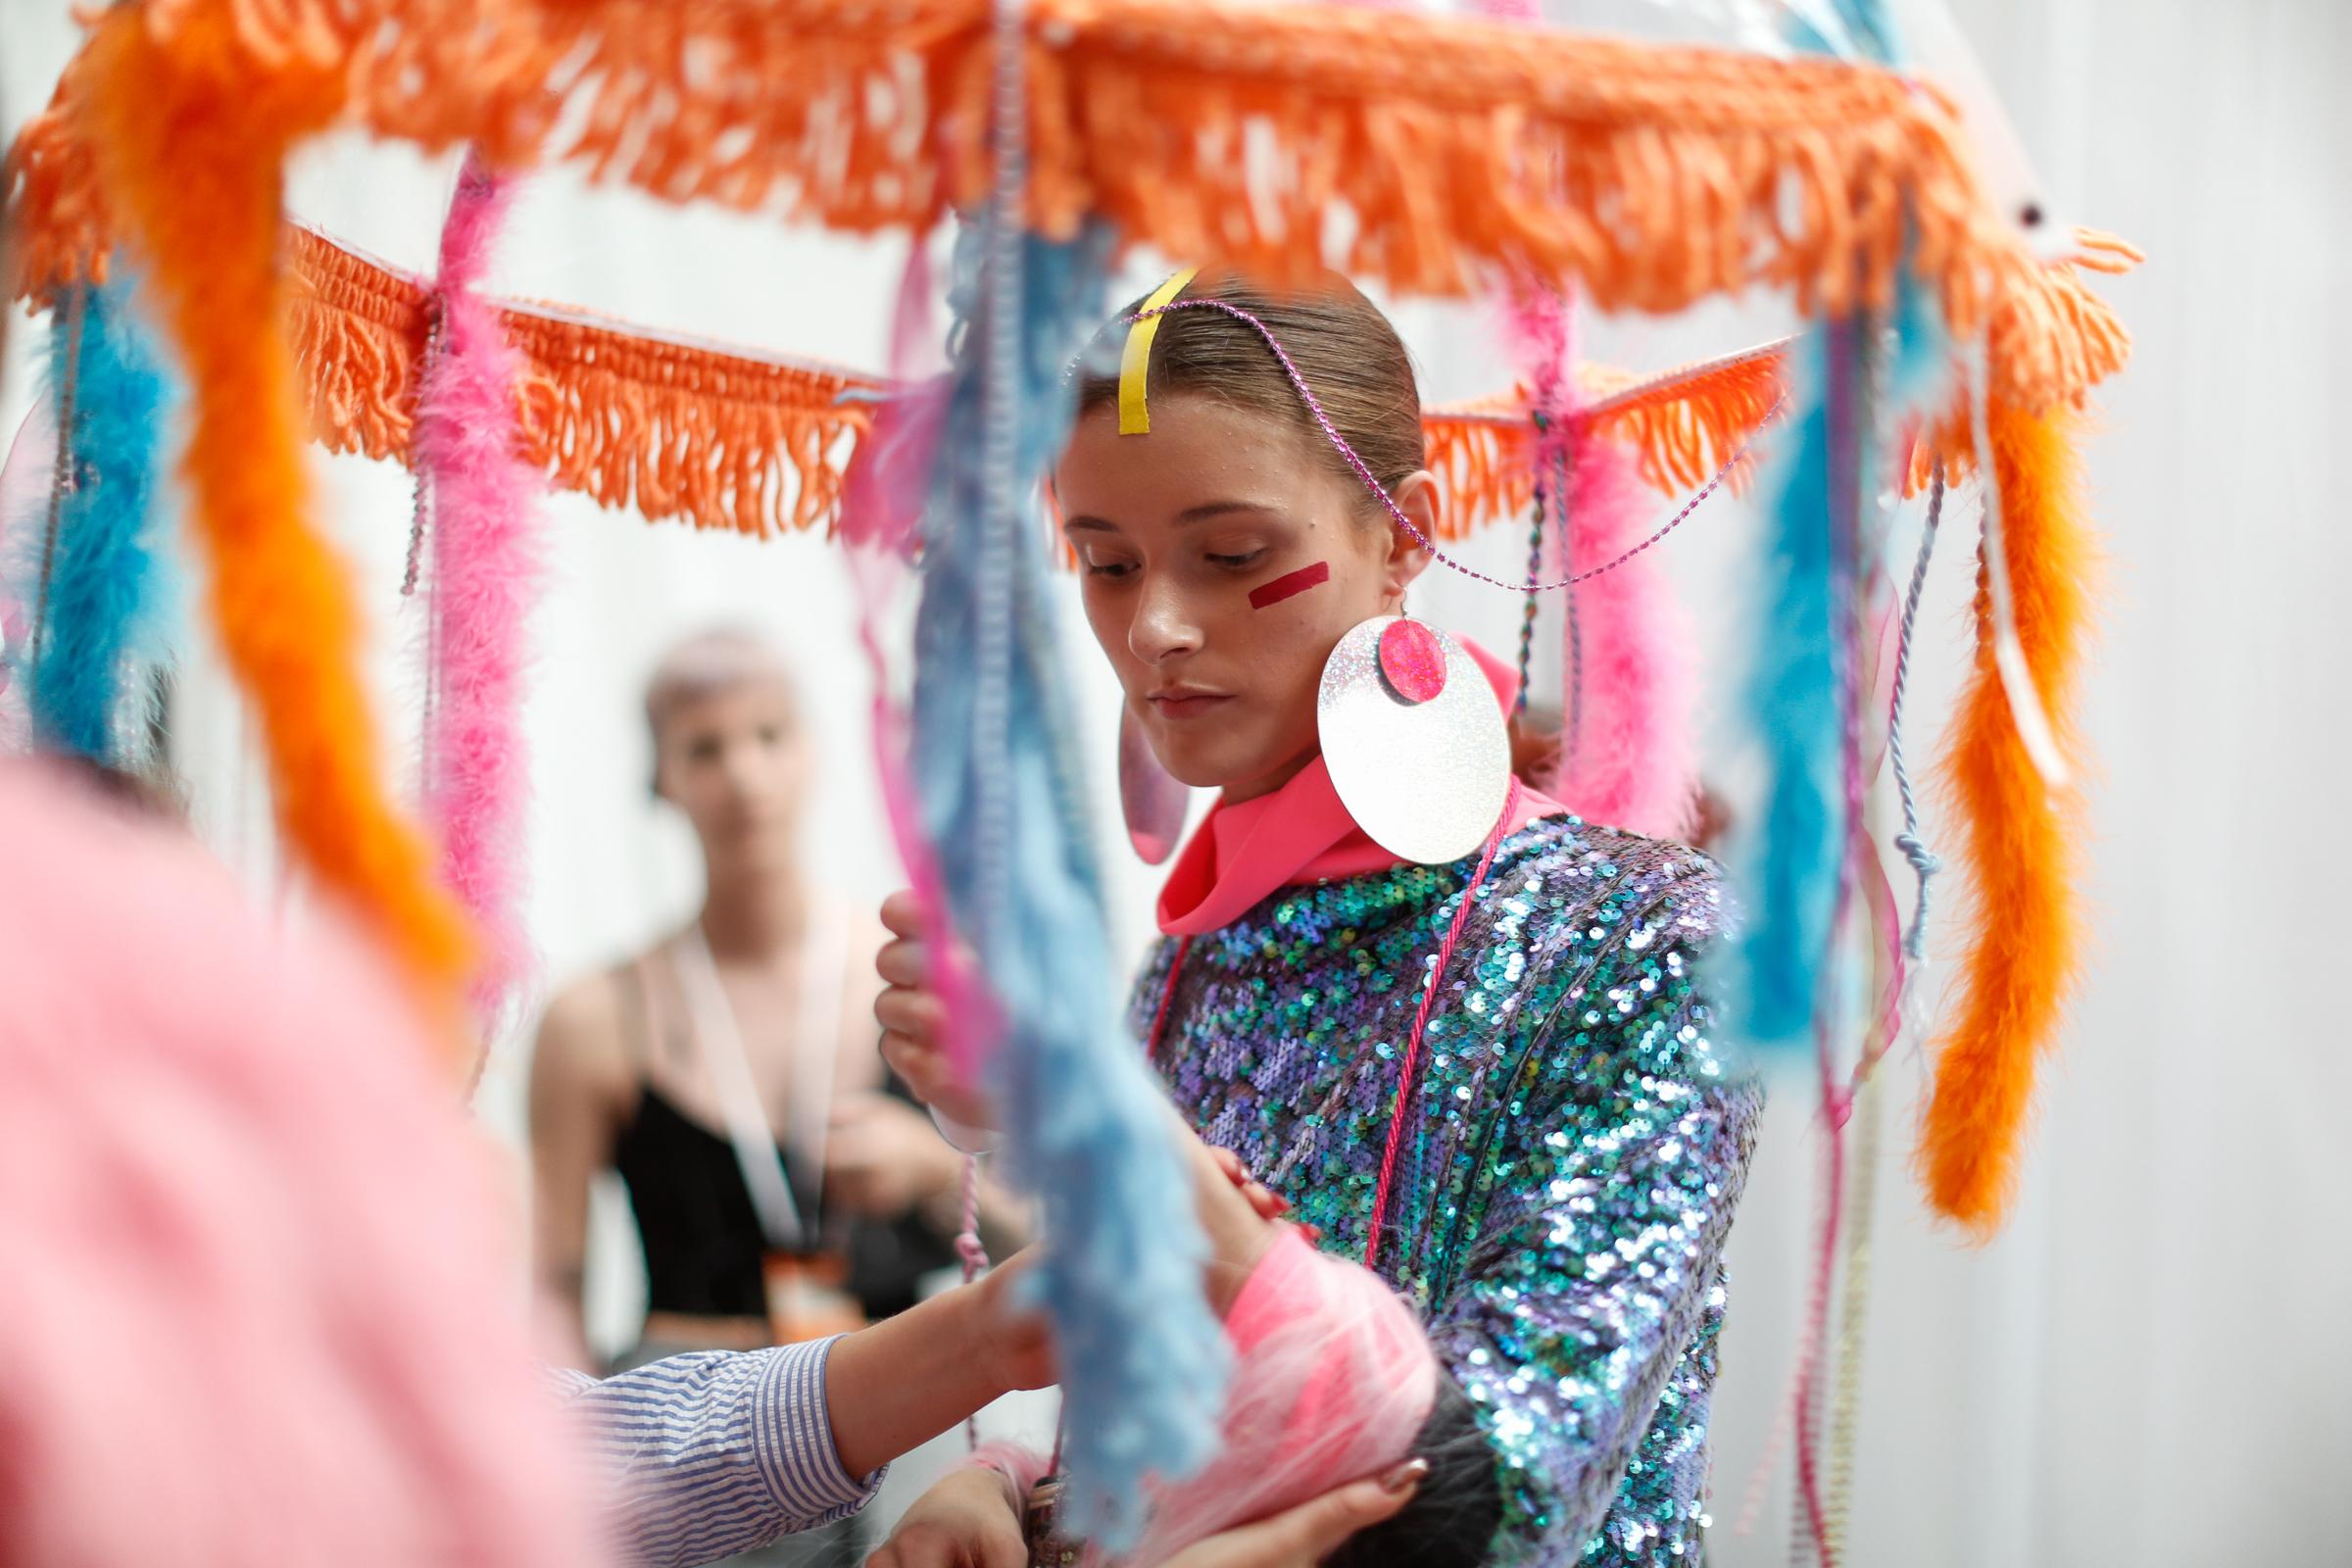 05-06 Nottingham Trent University Backstage images by Kathrin Werner 021.jpg